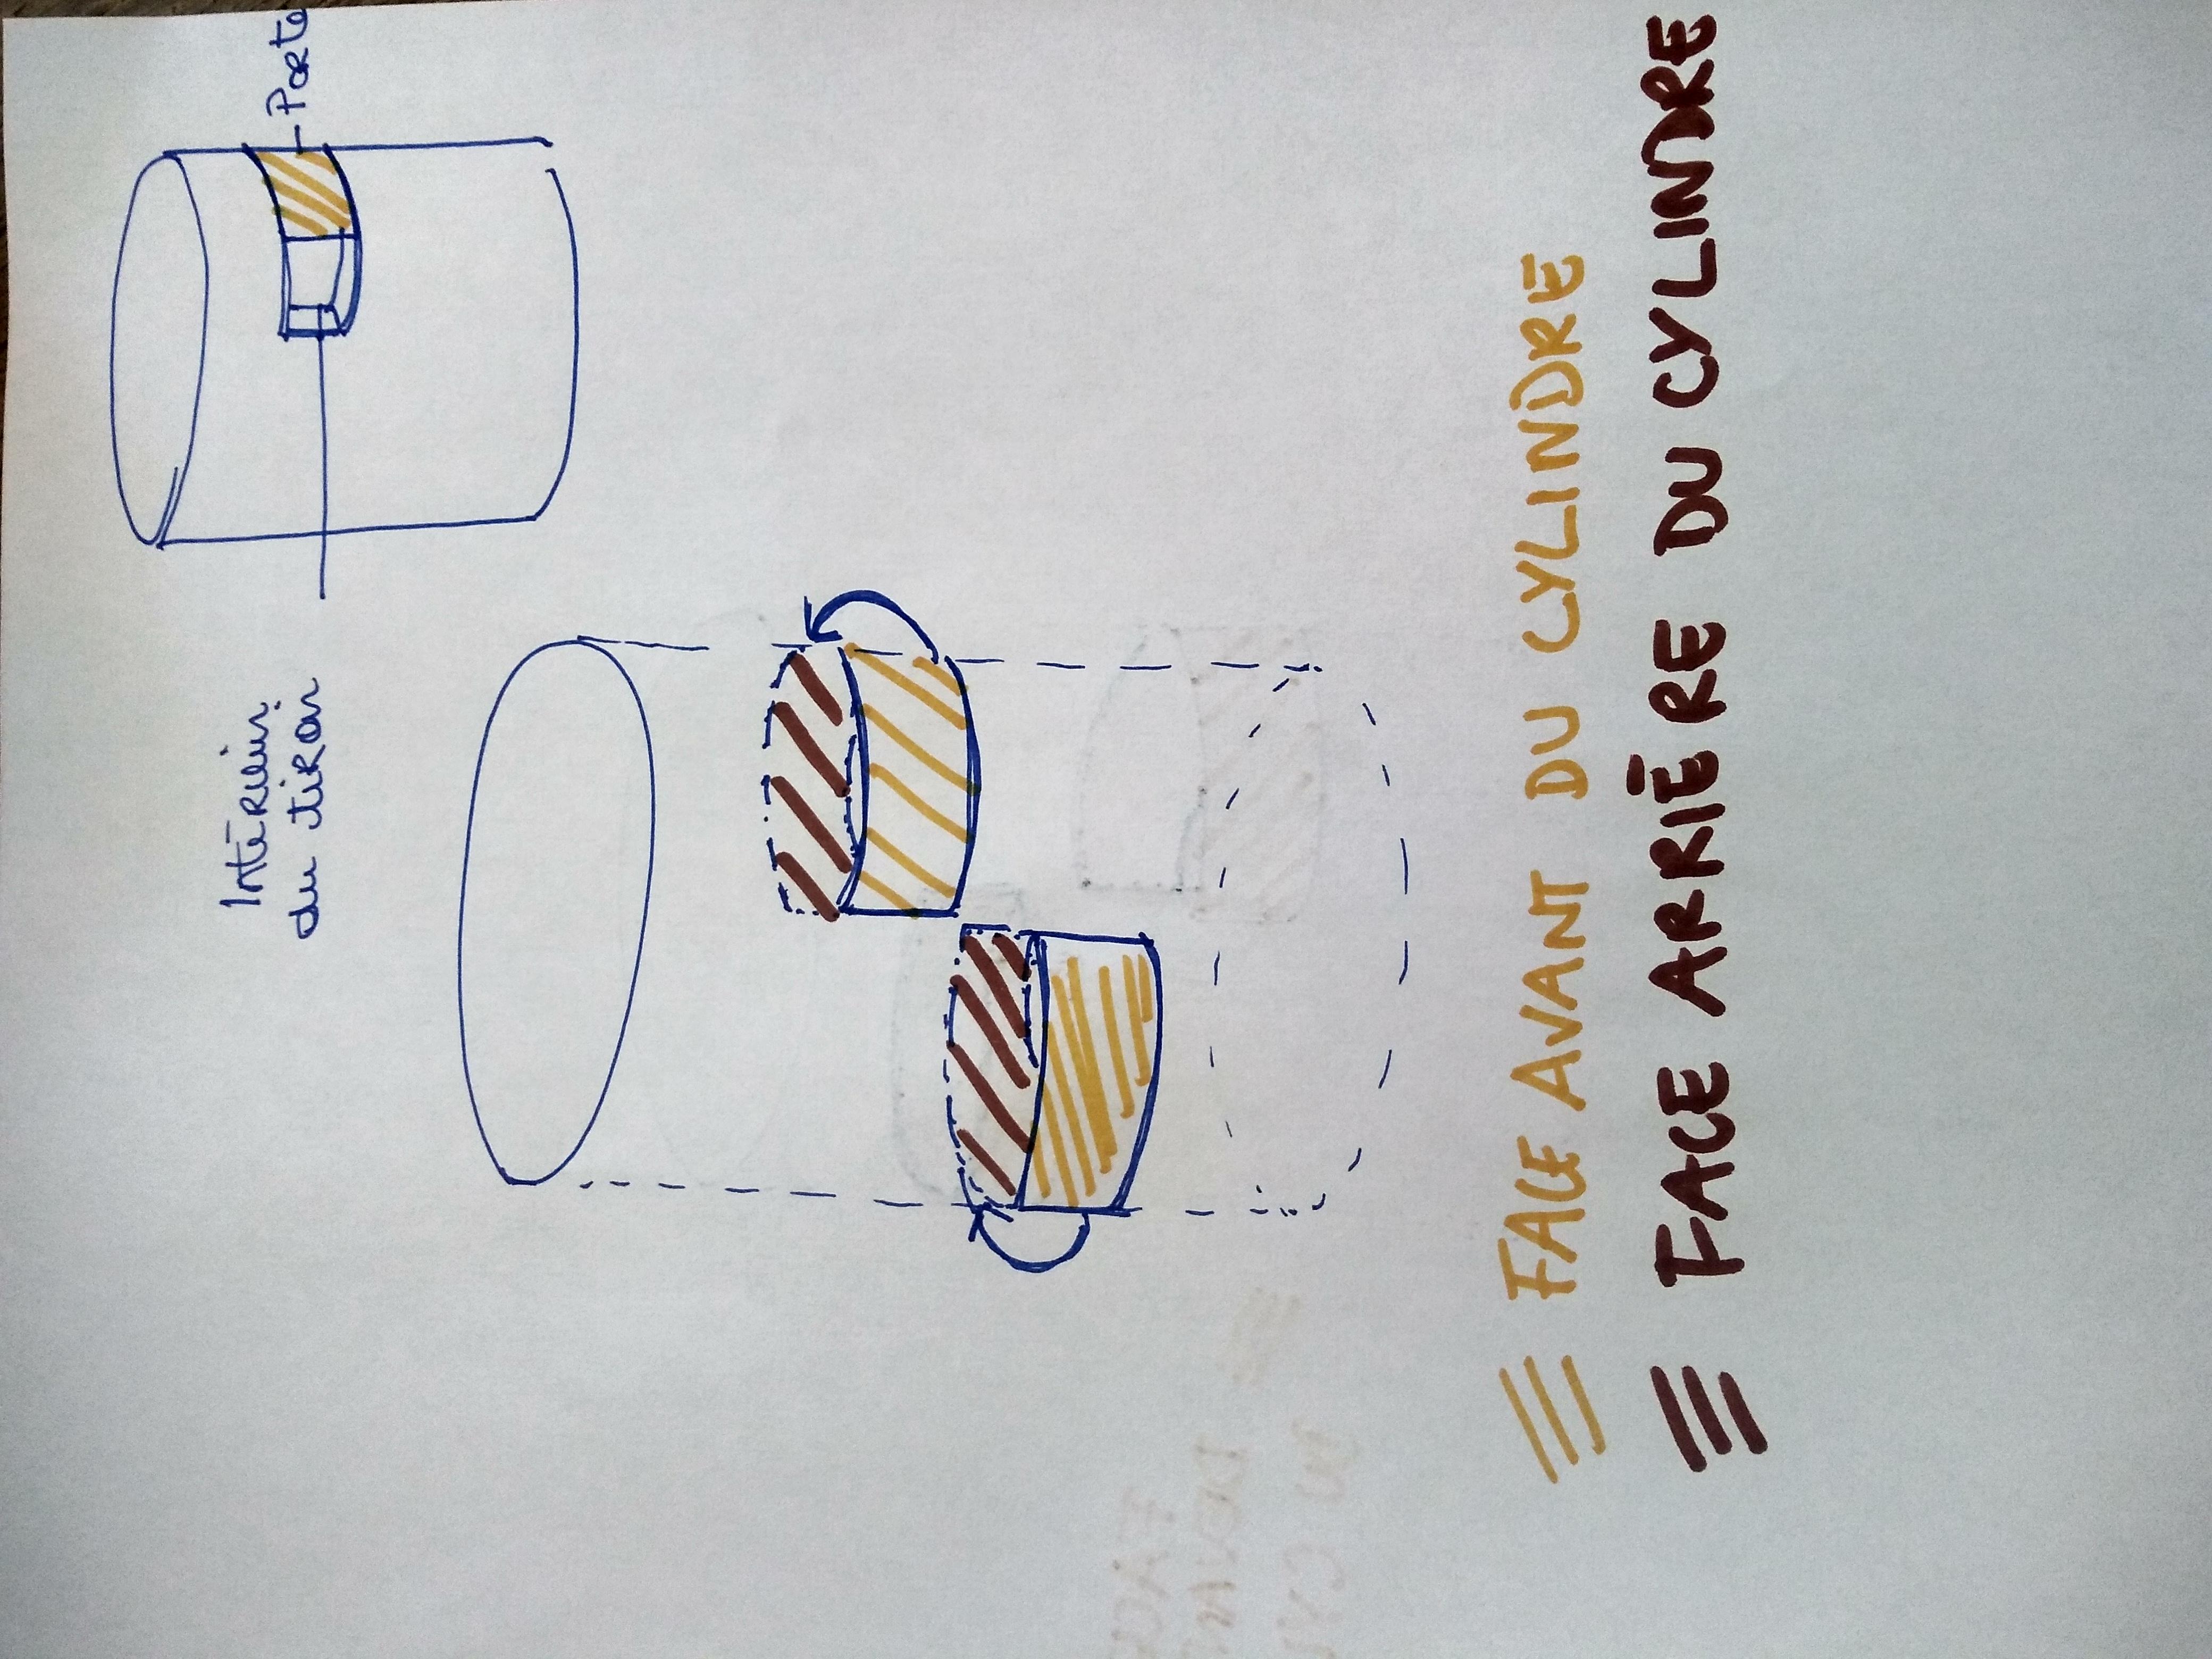 Fabriquer Un Tiroir Coulissant résolu : comment créer une ouverture (tiroir coulissant à l